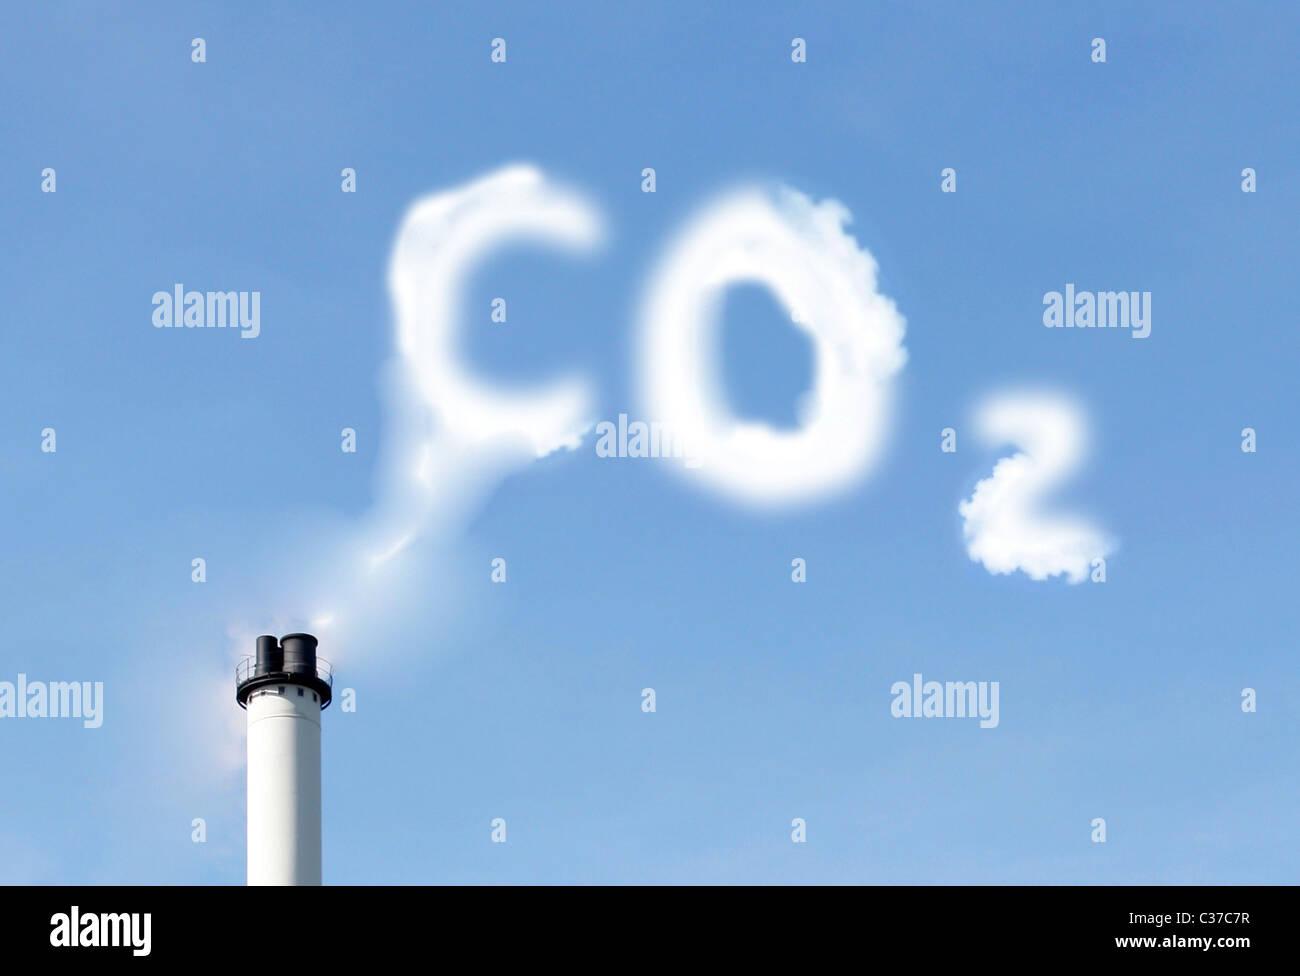 Emisiones de CO2 Imagen De Stock